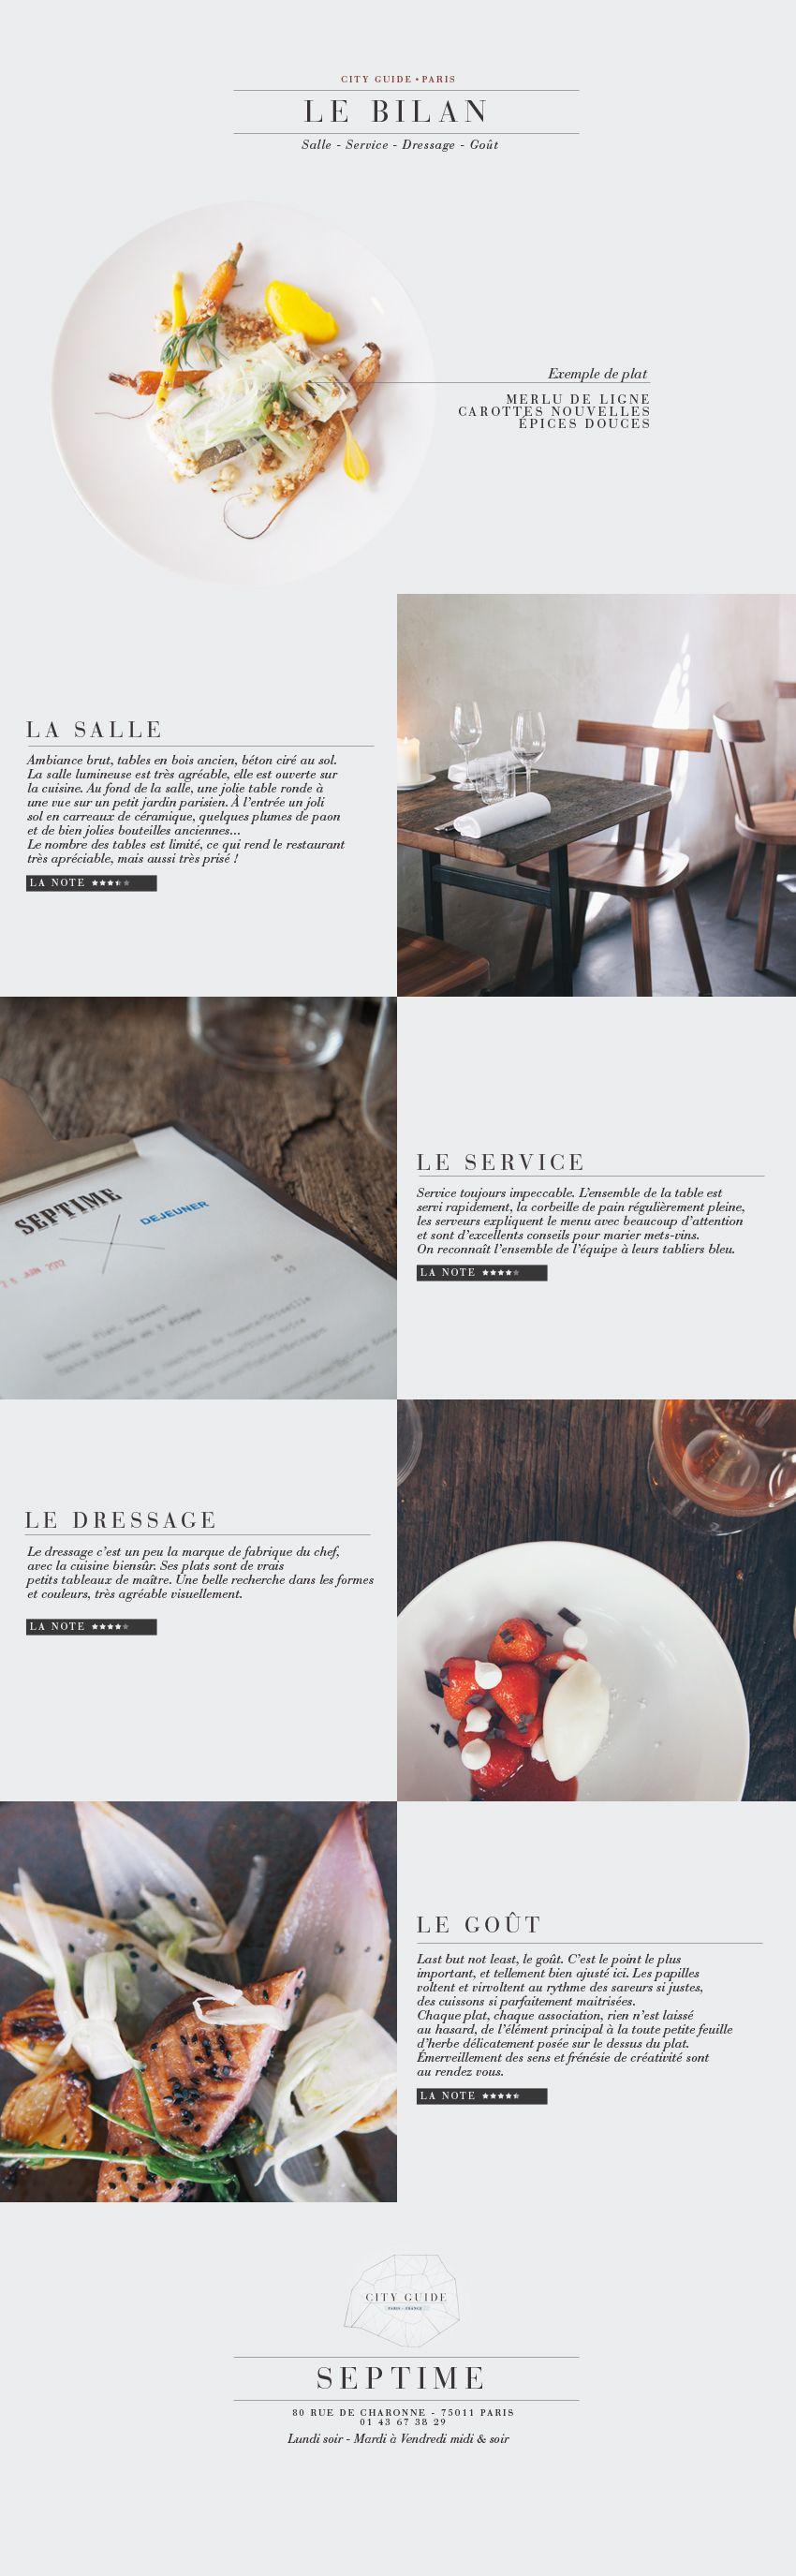 Restaurant Paris // simple resturant website design